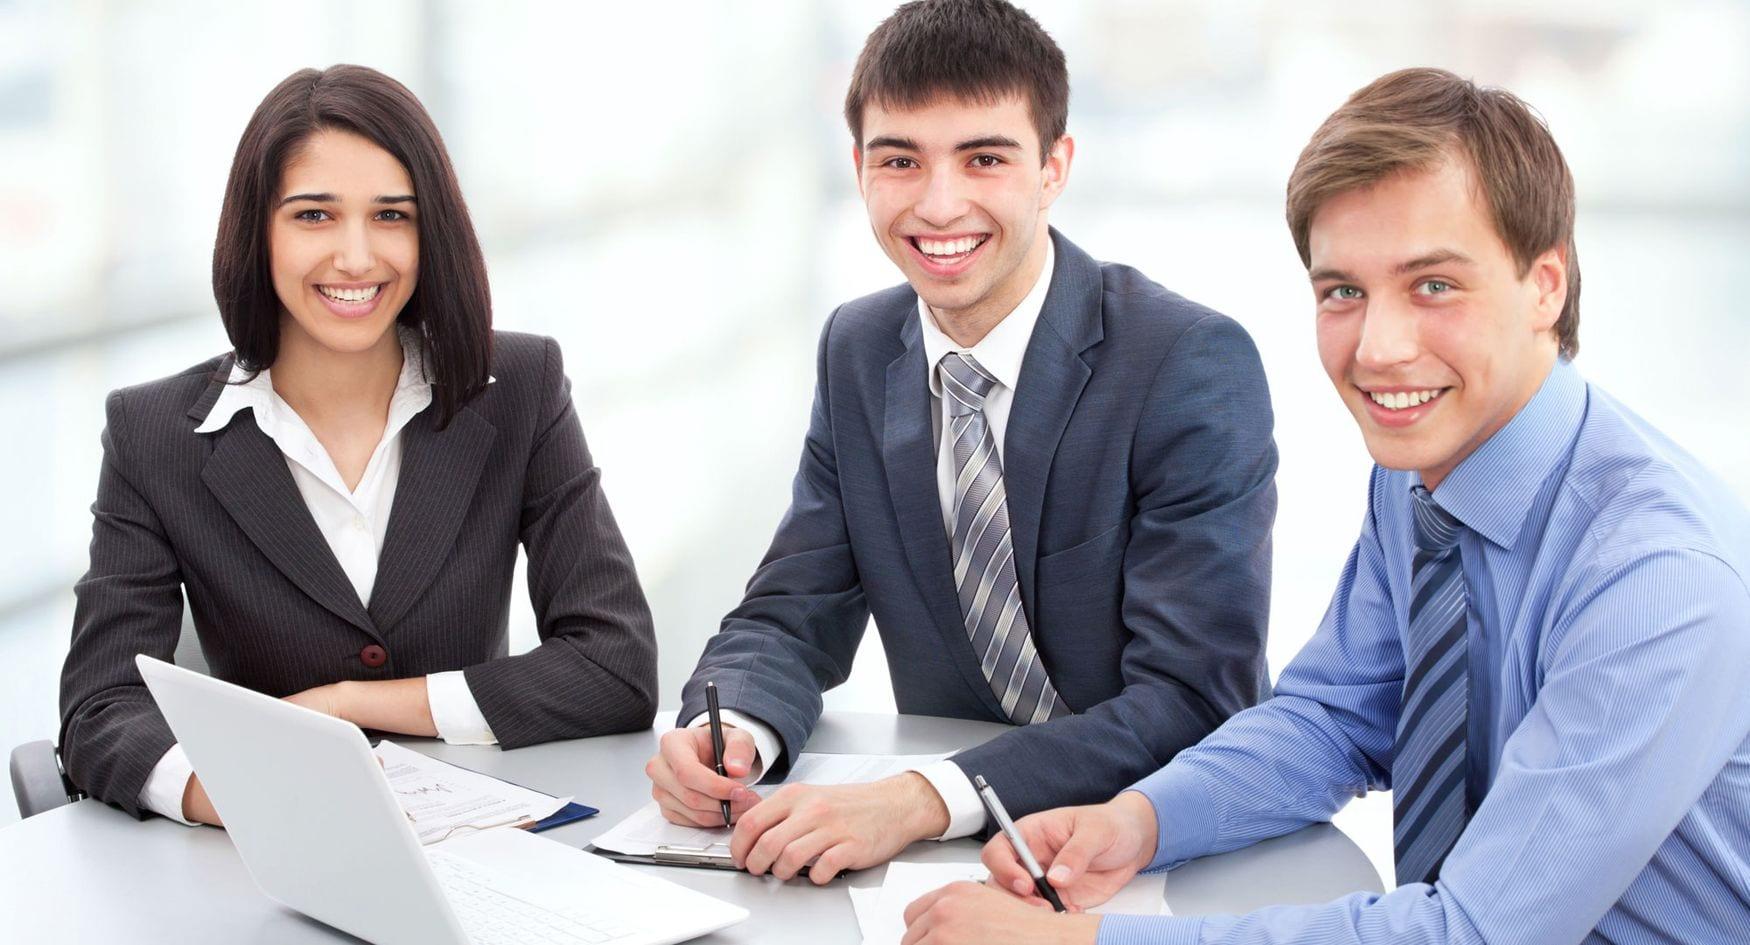 Điều bạn cần biết về nhóm ngành kinh doanh